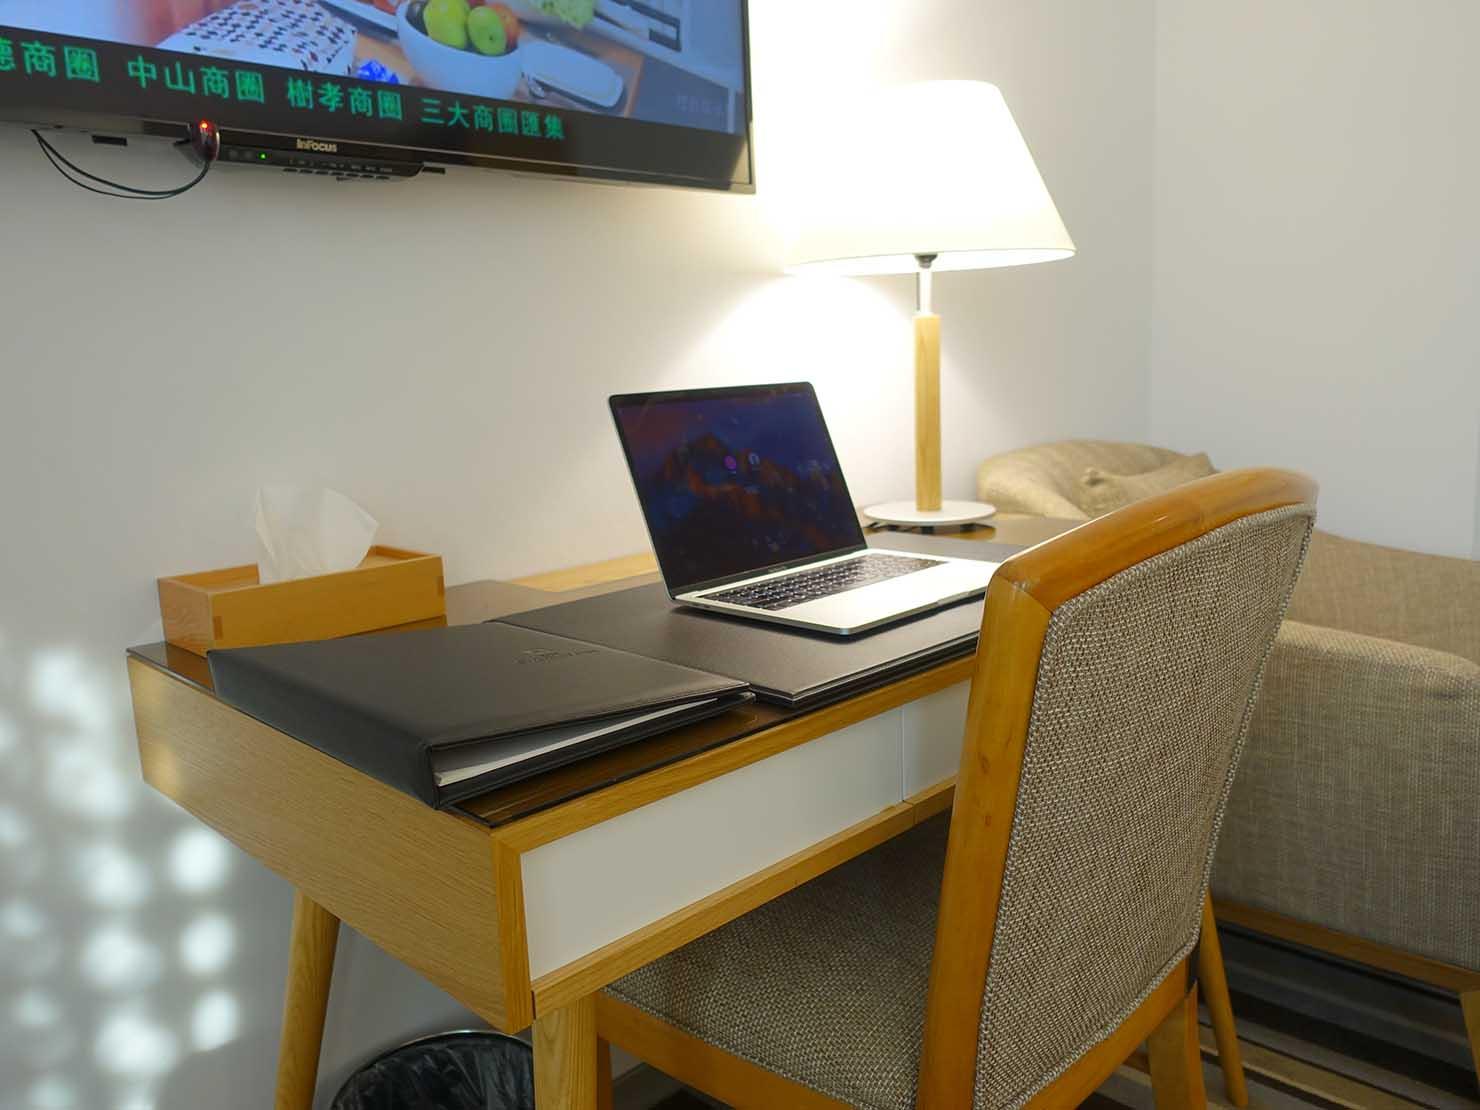 台中のおすすめホテル「卡爾登飯店 The Carlton」デラックスダブルルームのテーブル